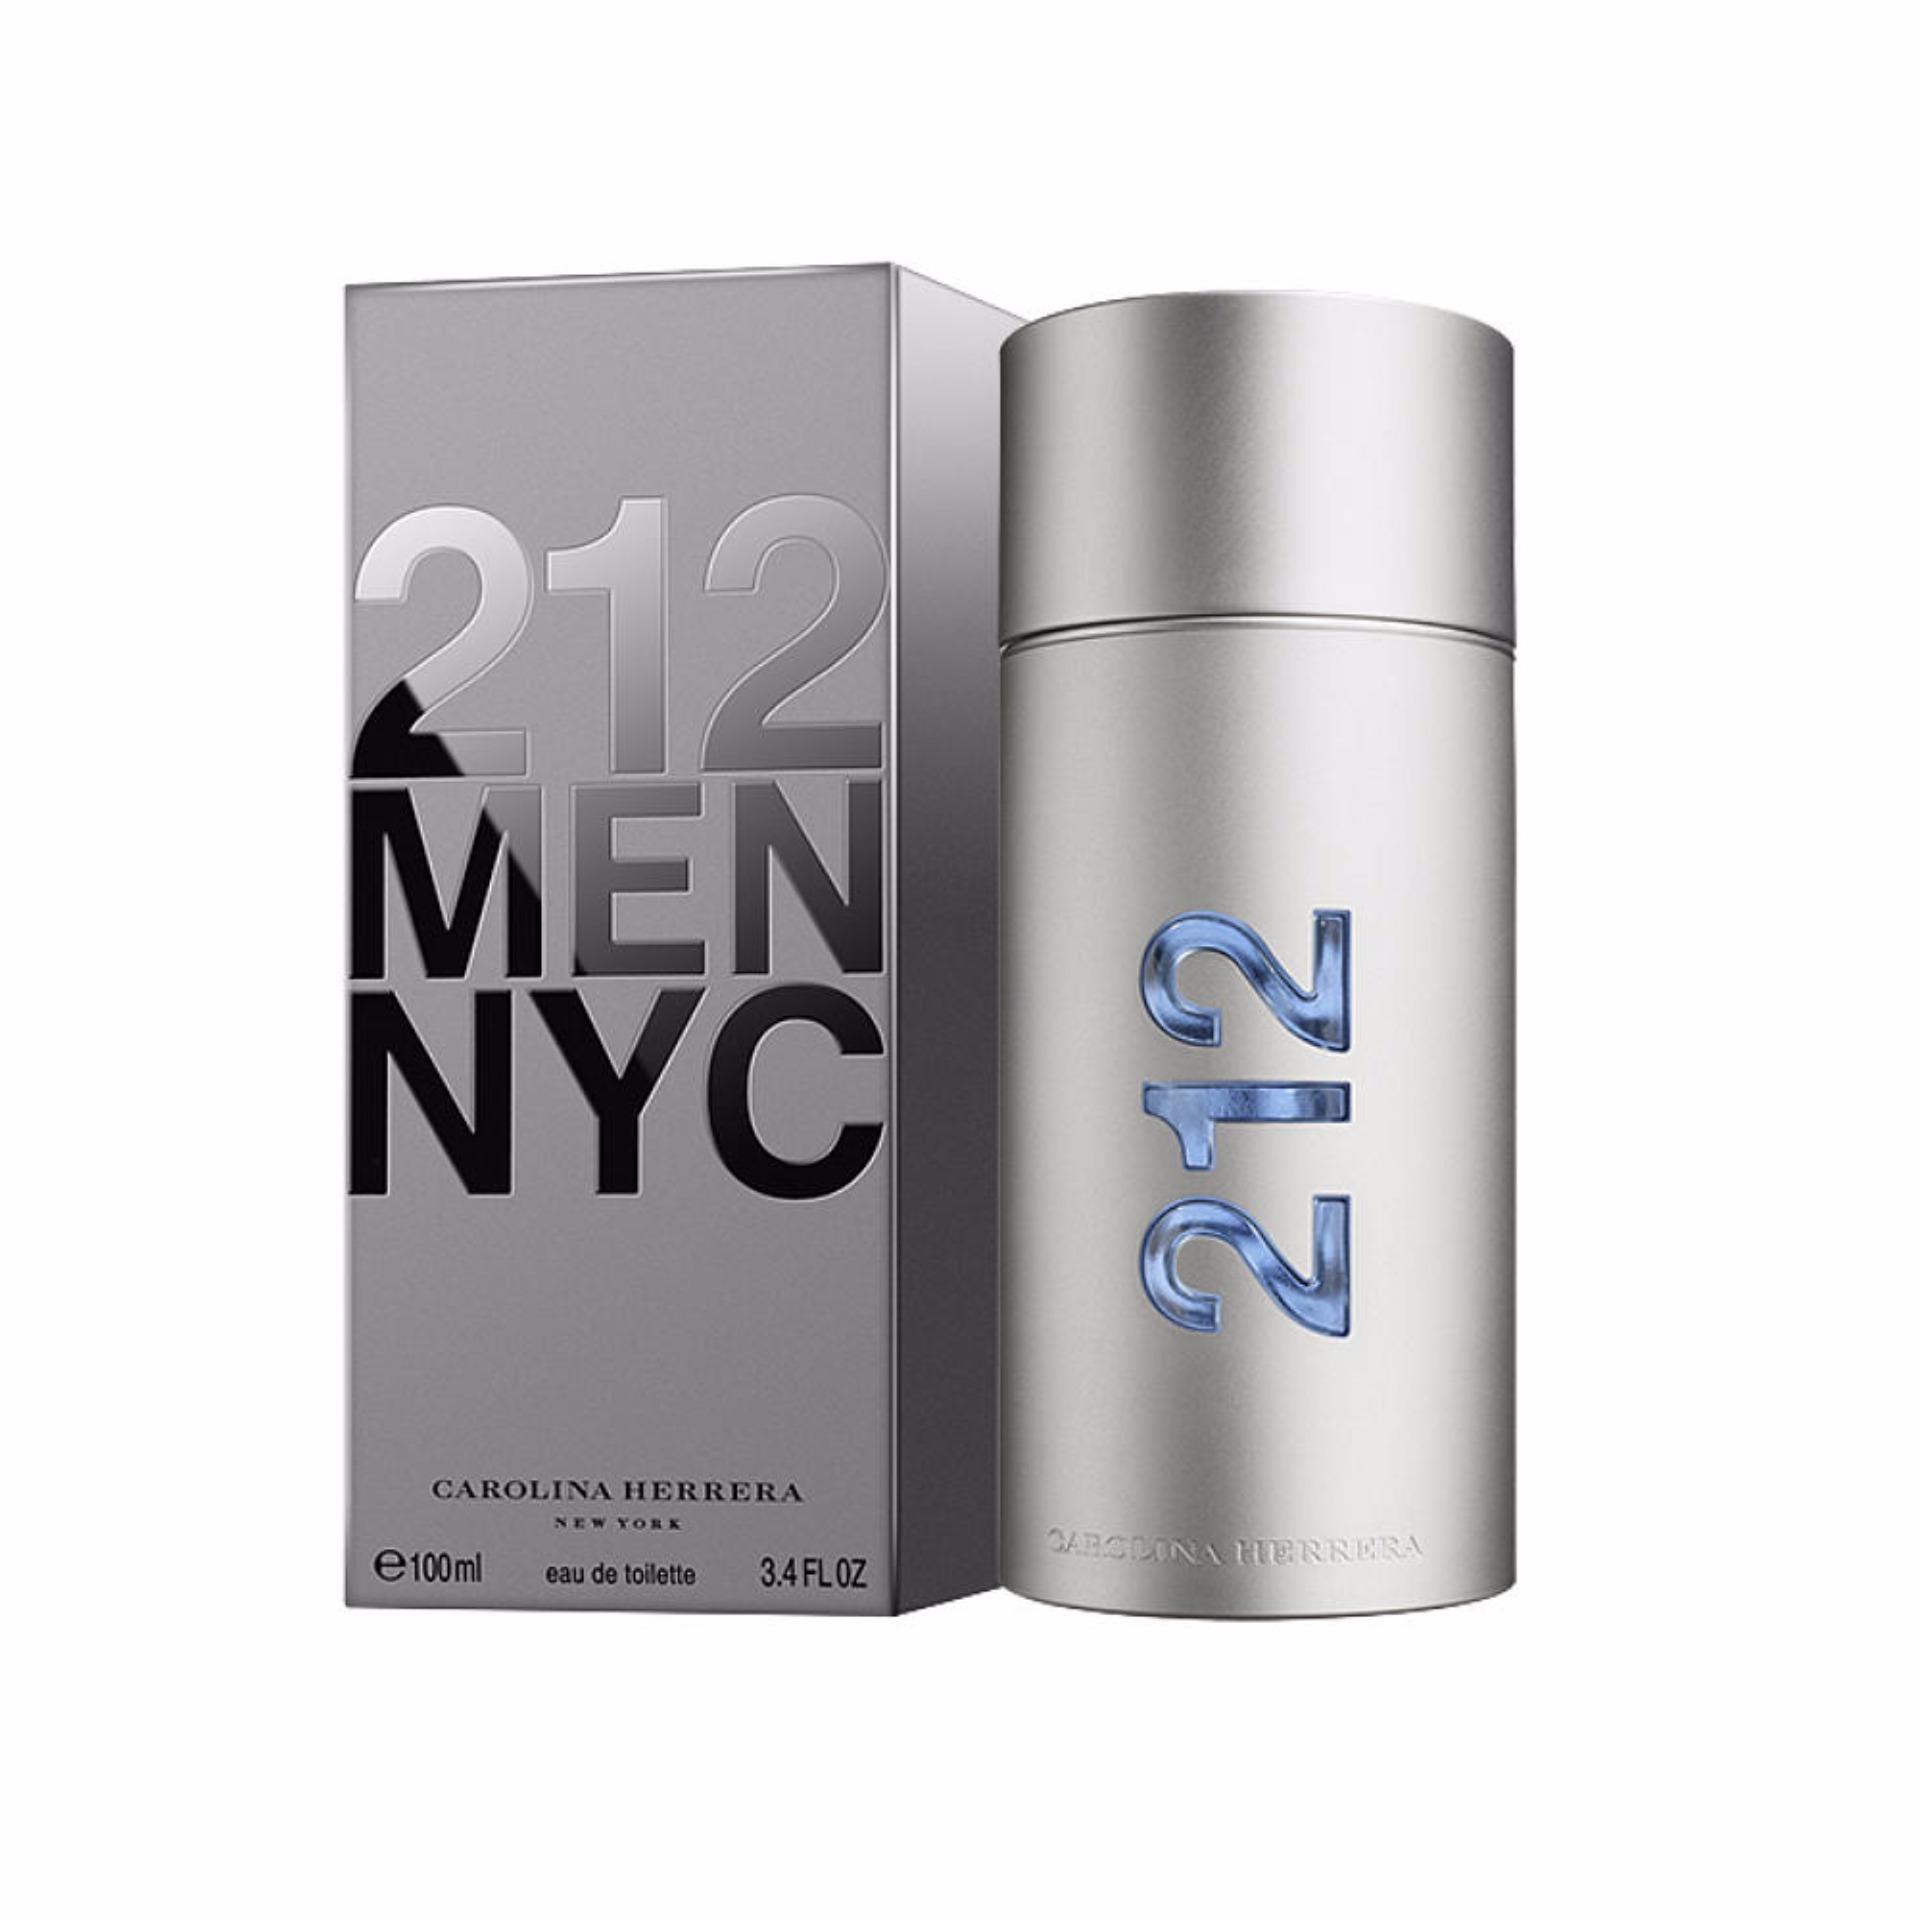 Carolina Herrera 212 Men NYC Eau De Toilette 100ml - thumbnail